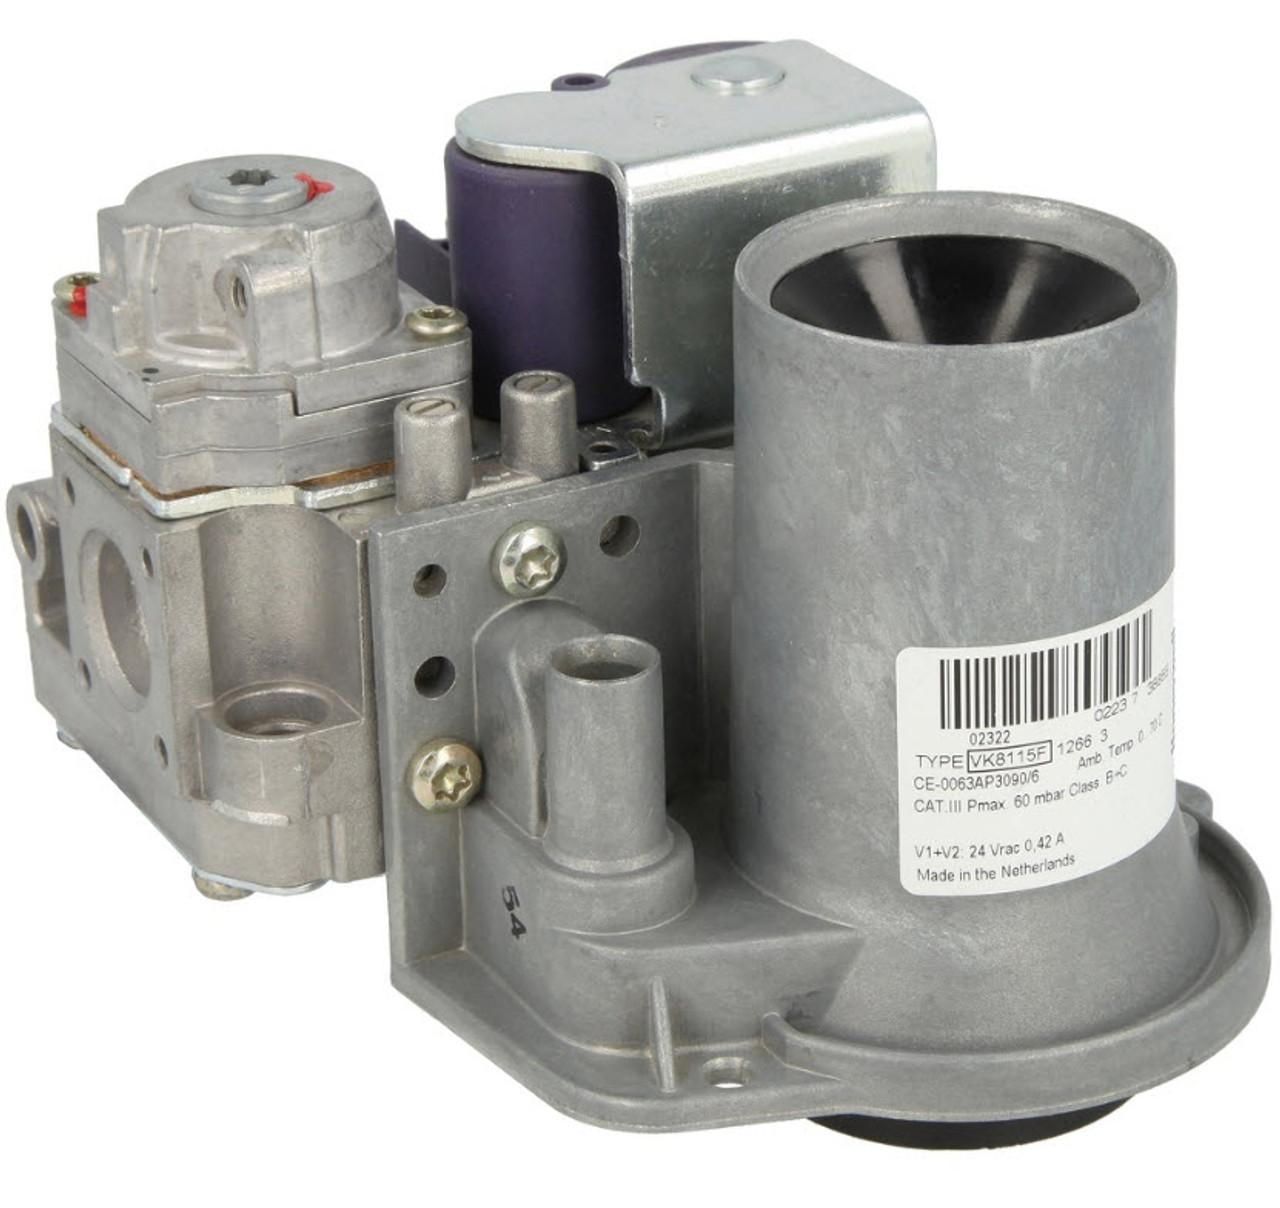 Honeywell VK8115F1266 24V, 50 Hz CVI valve VK8115F1266U